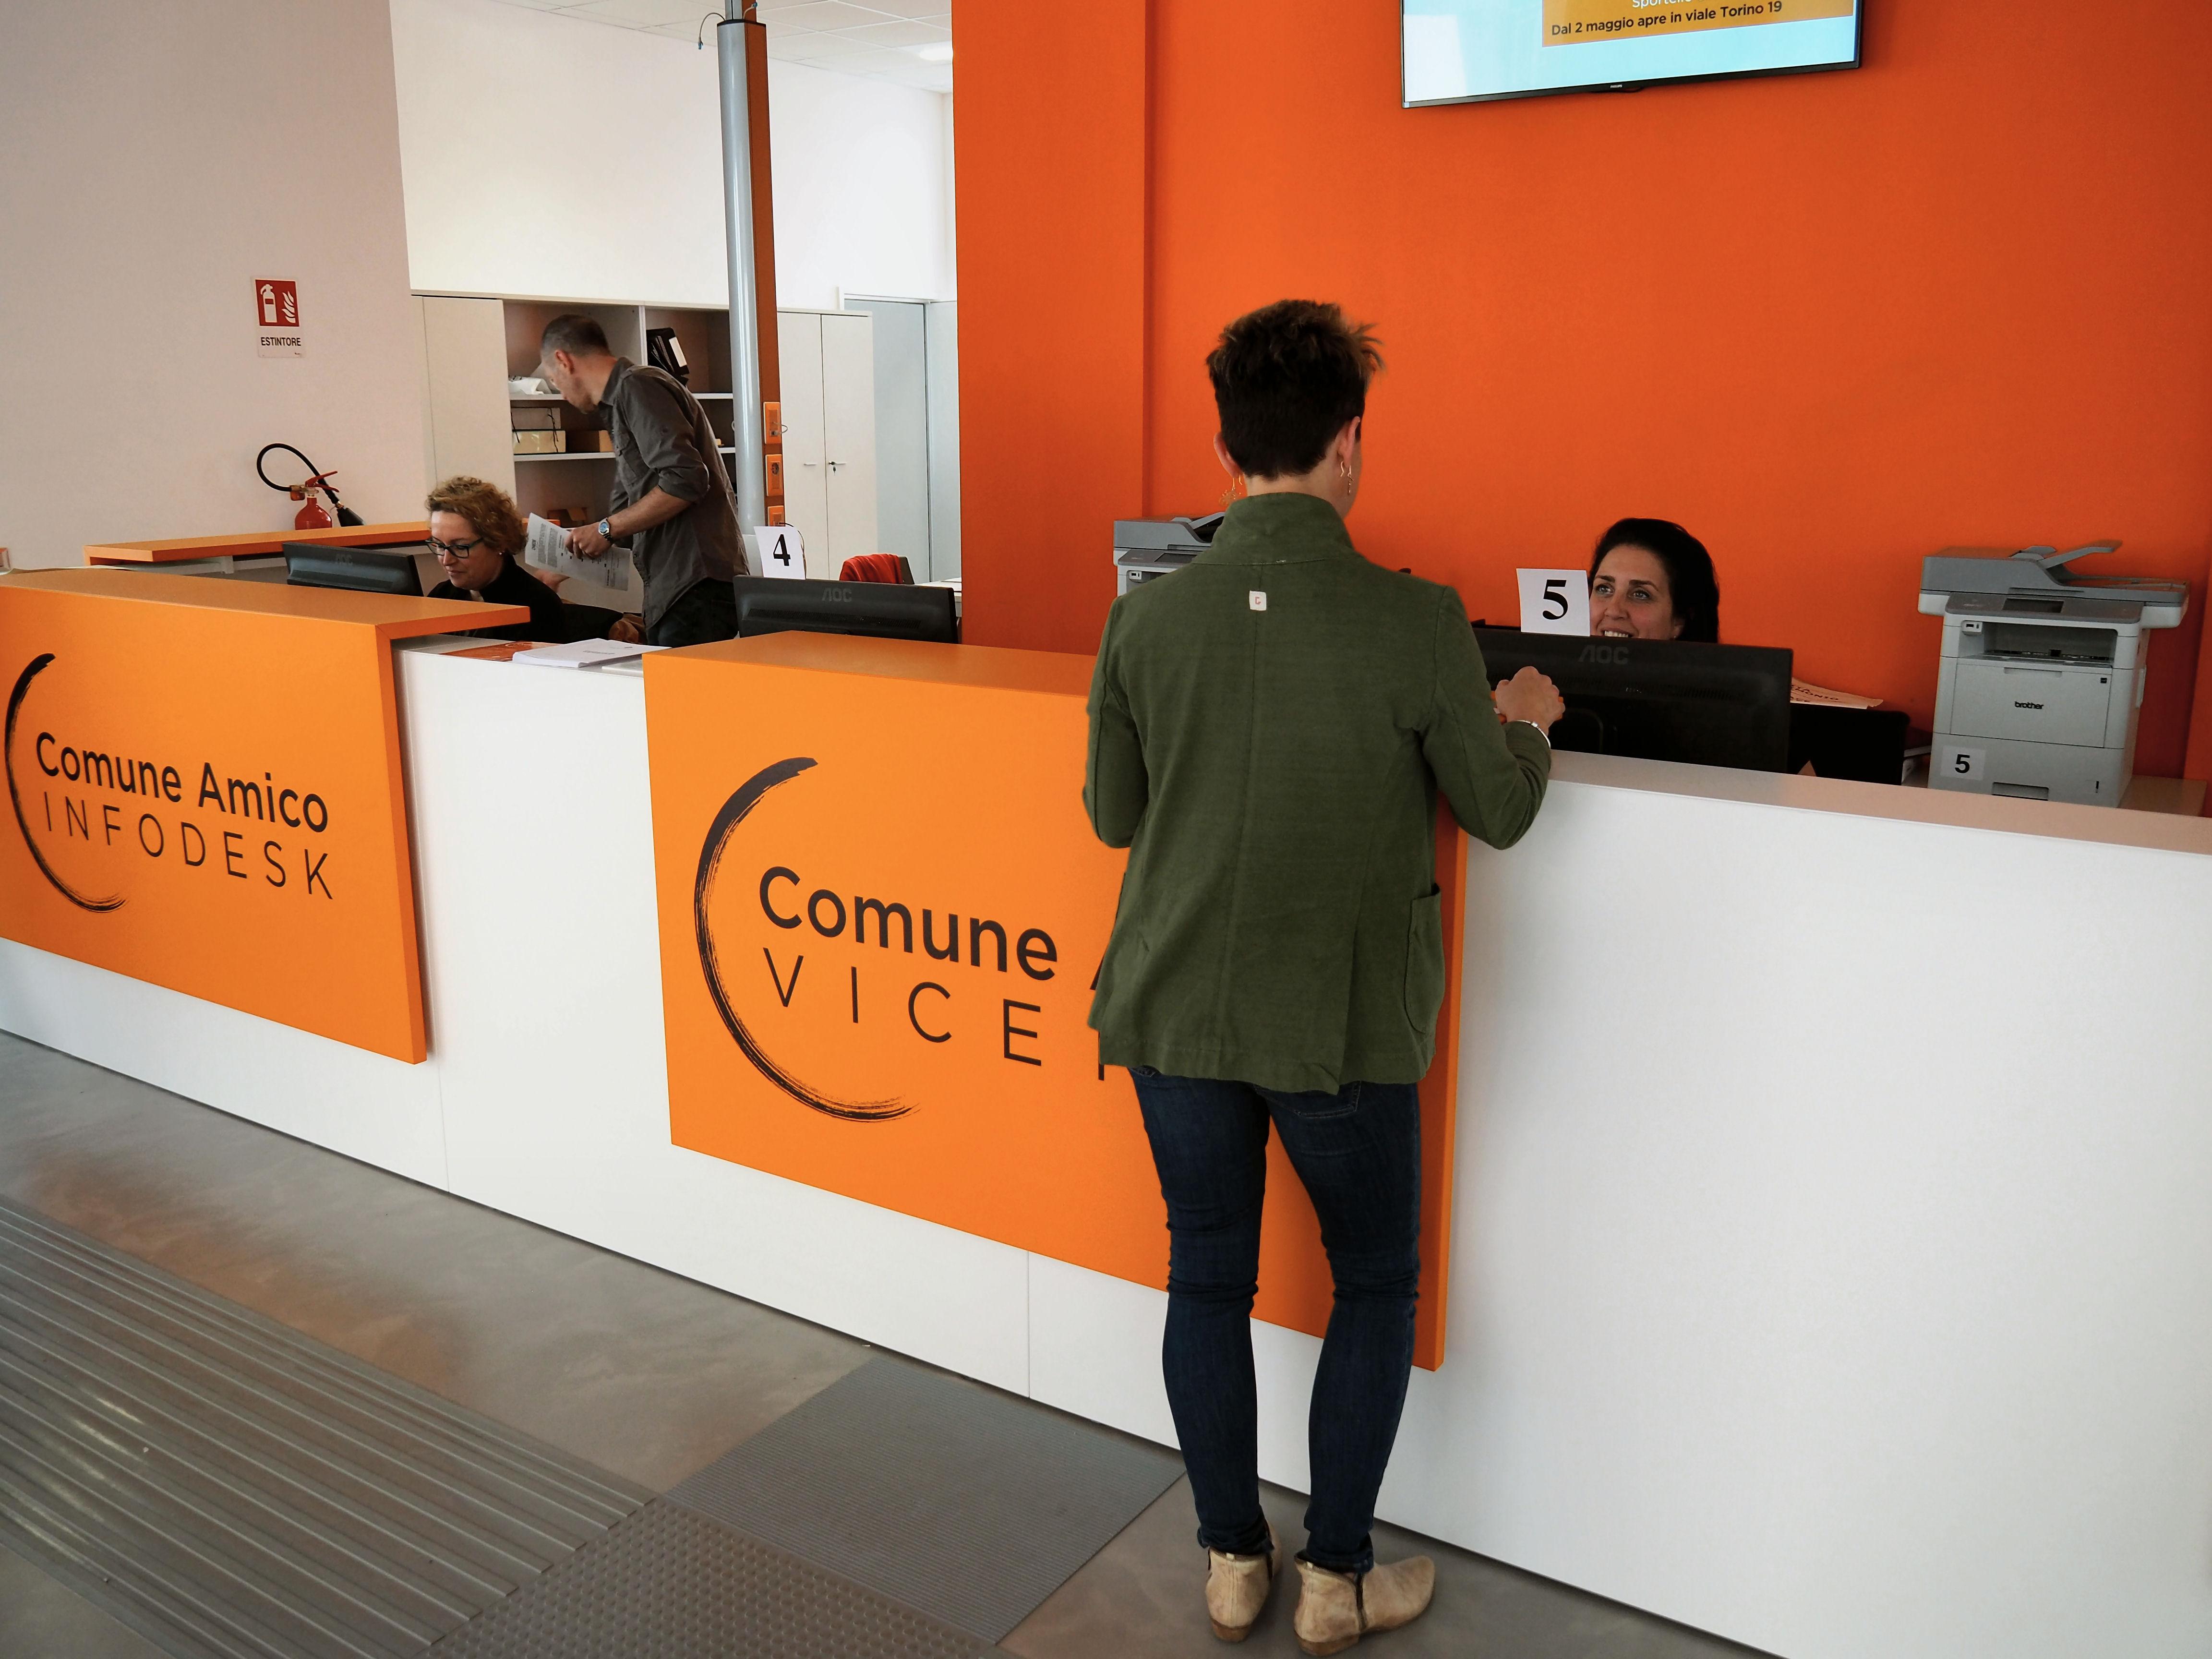 Ufficio Per Stranieri Torino : Sportello unico per il cittadino mercoledì maggio l apertura in